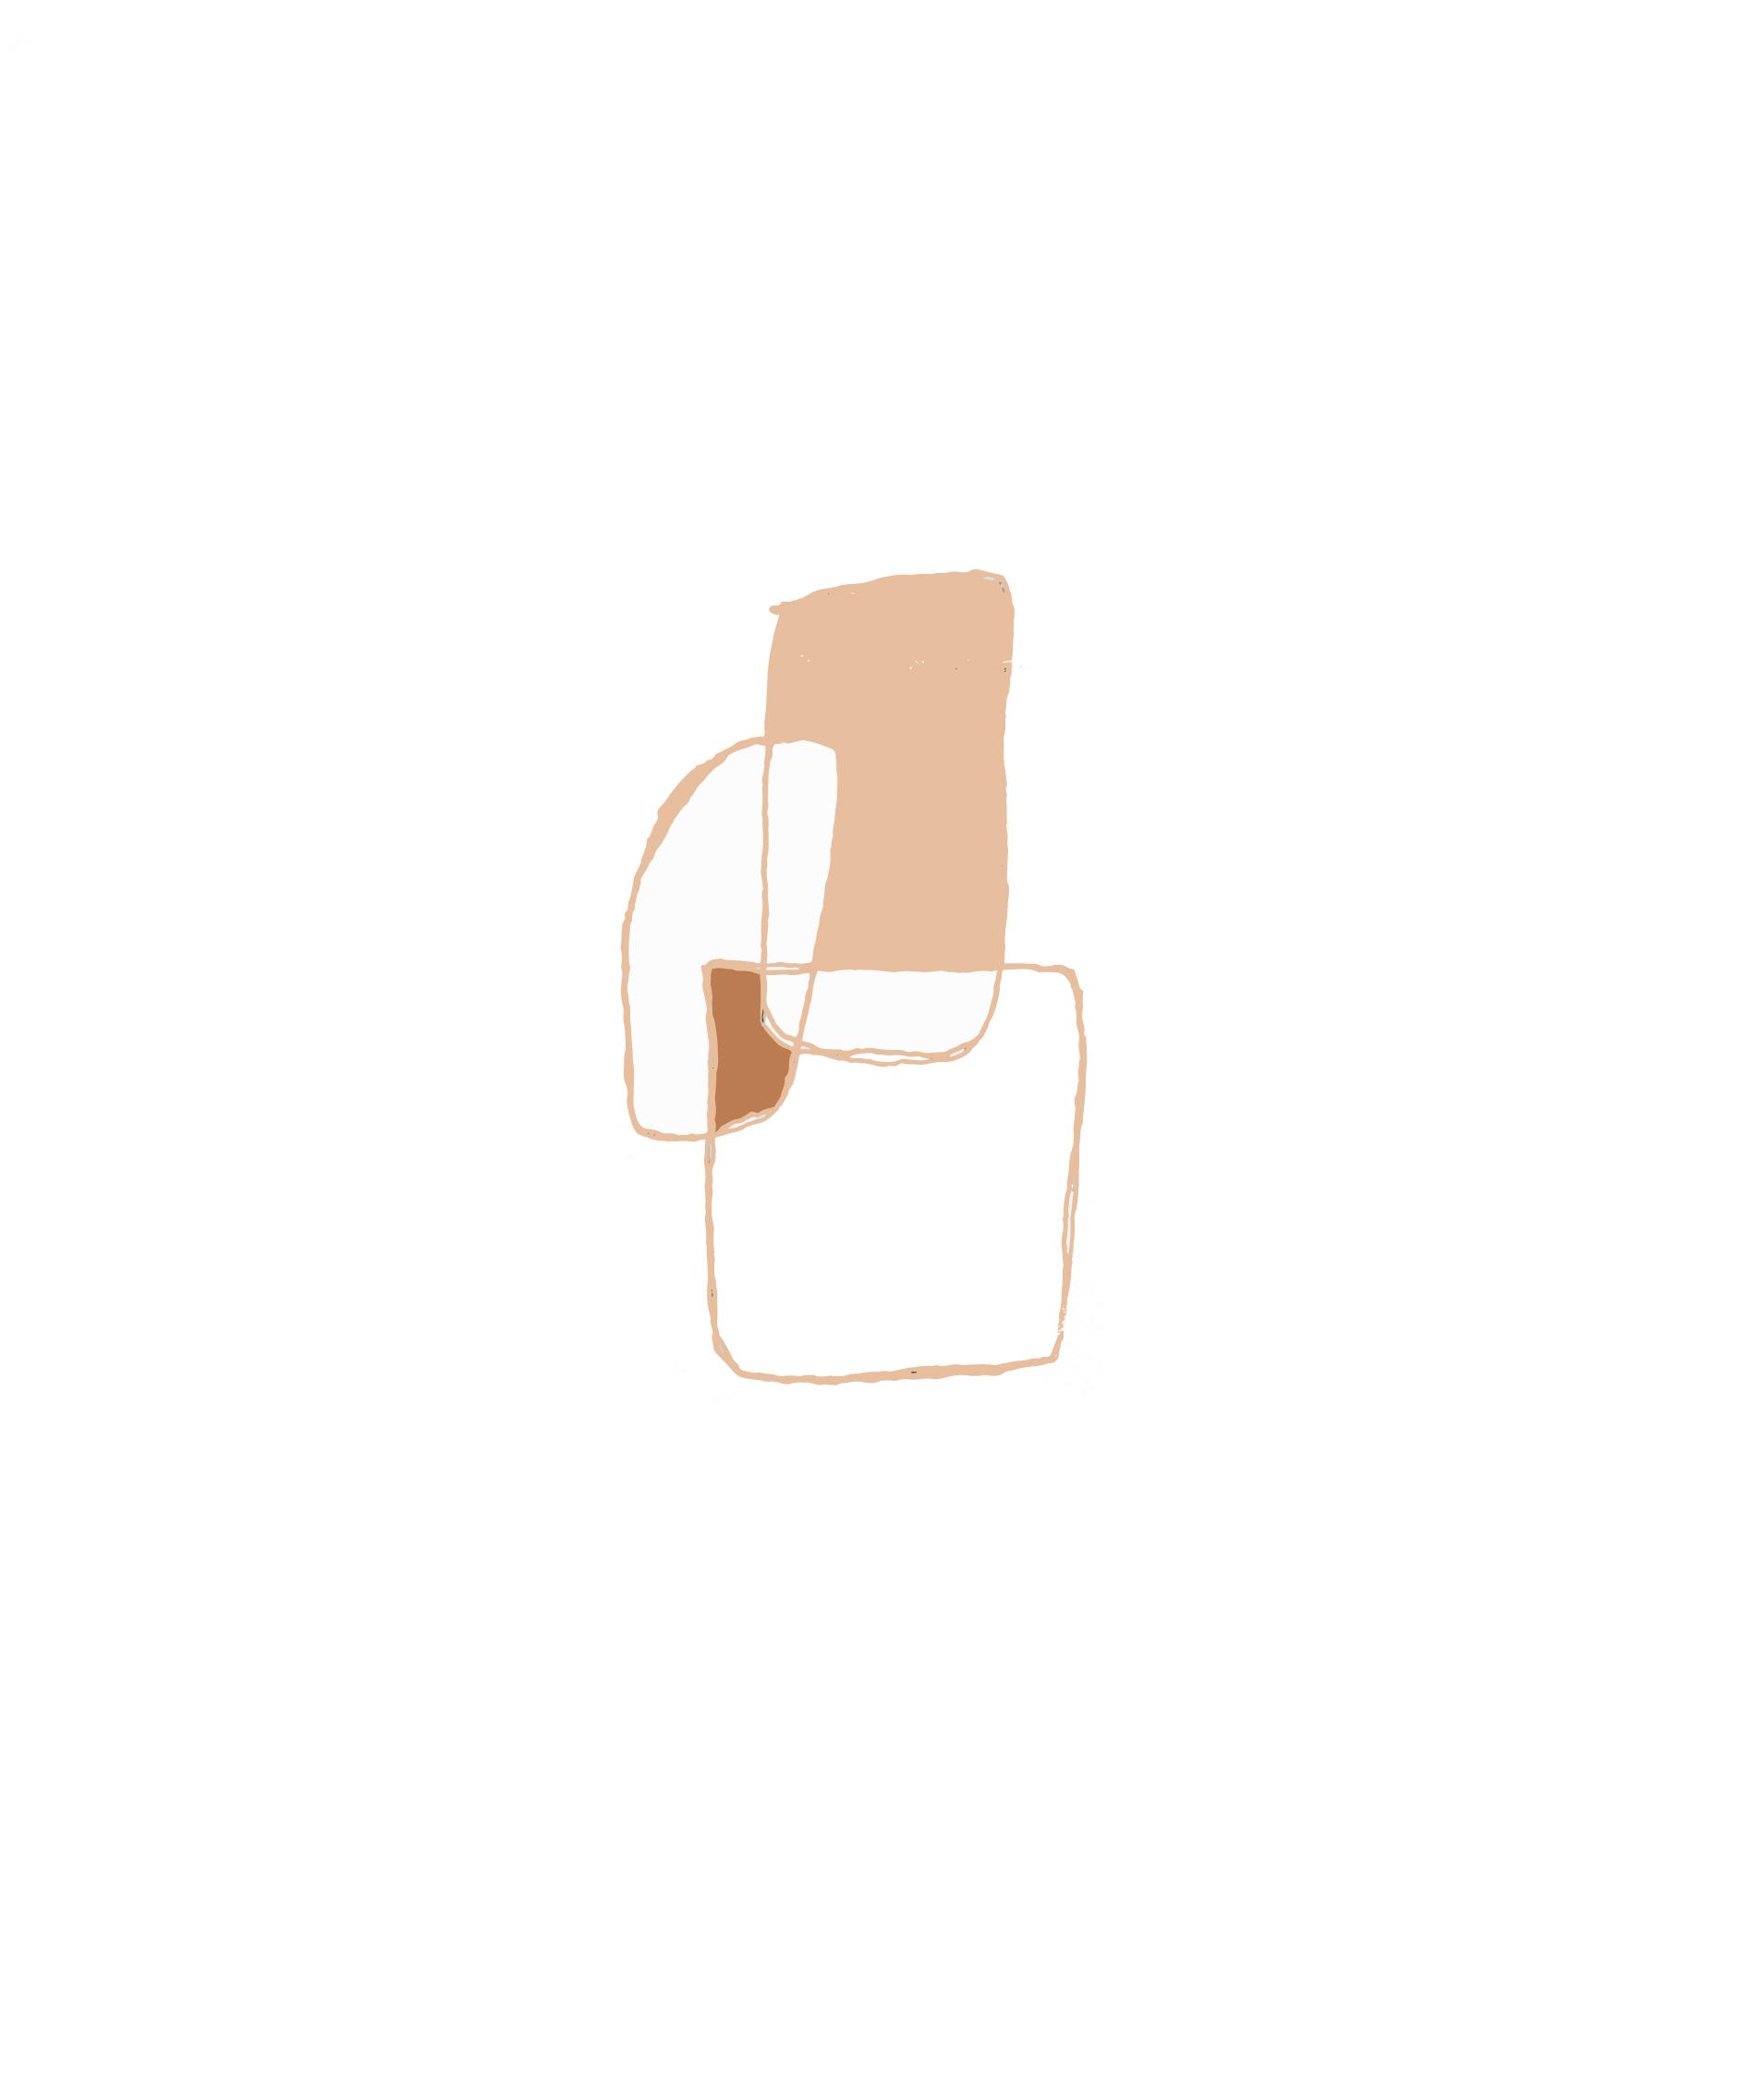 centering-06.jpg